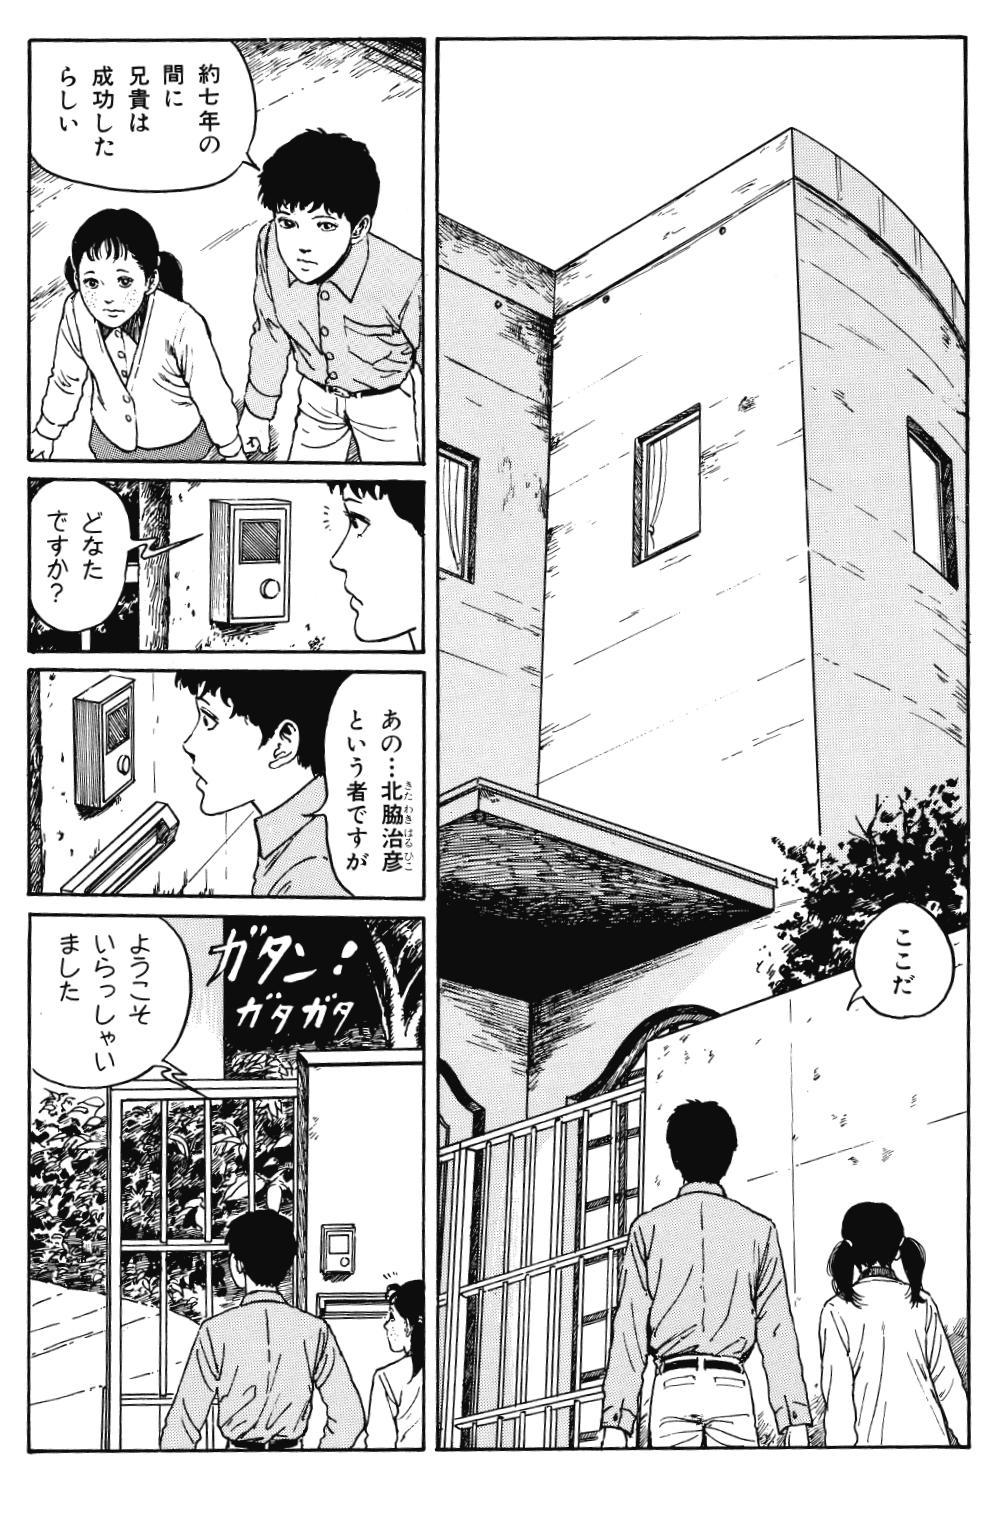 伊藤潤二自選傑作集 第5話「あやつり屋敷」②ayaturiyasiki-2-193.jpg